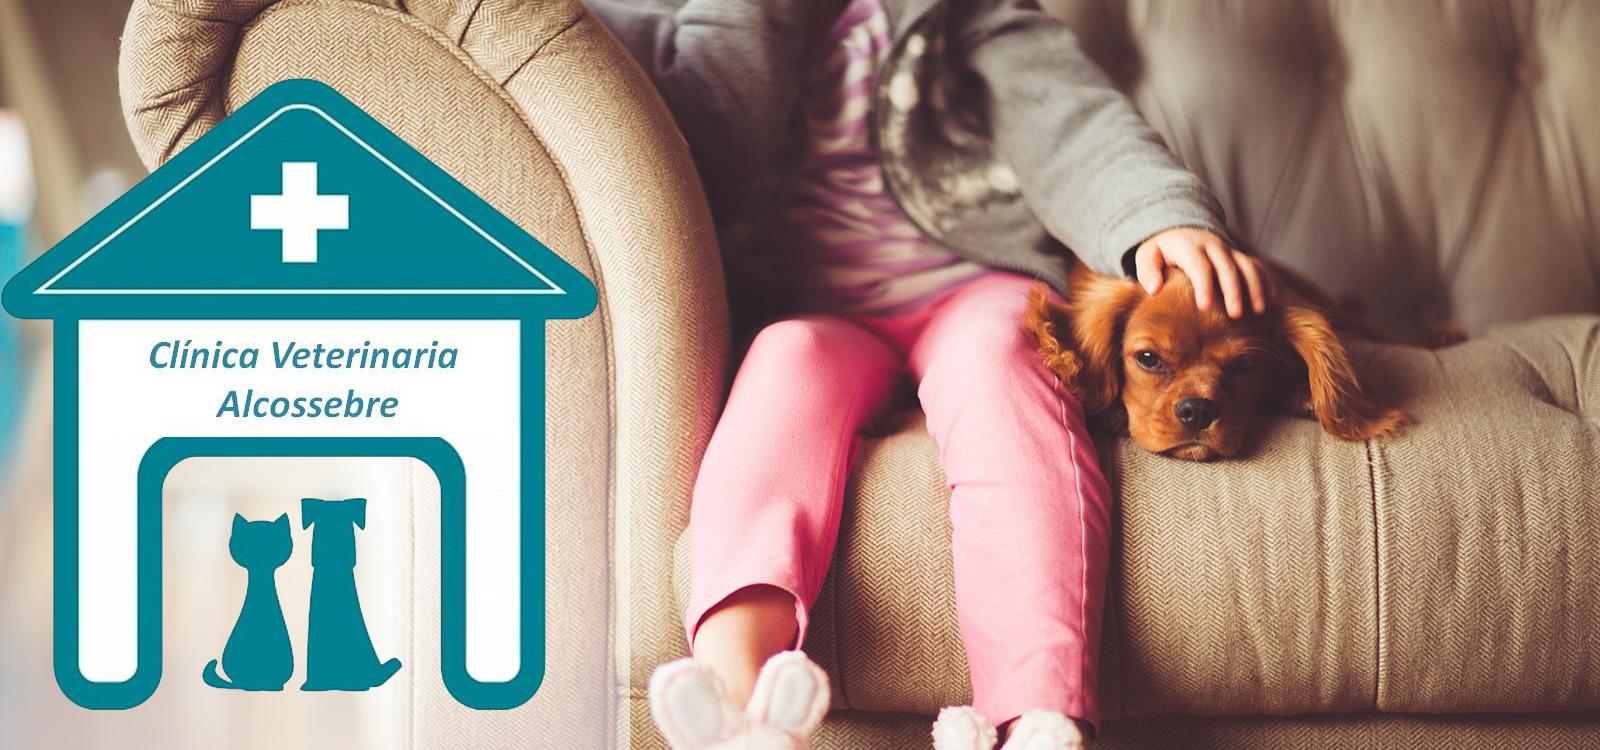 clinica_veterinaria_alcossebre_low_cost